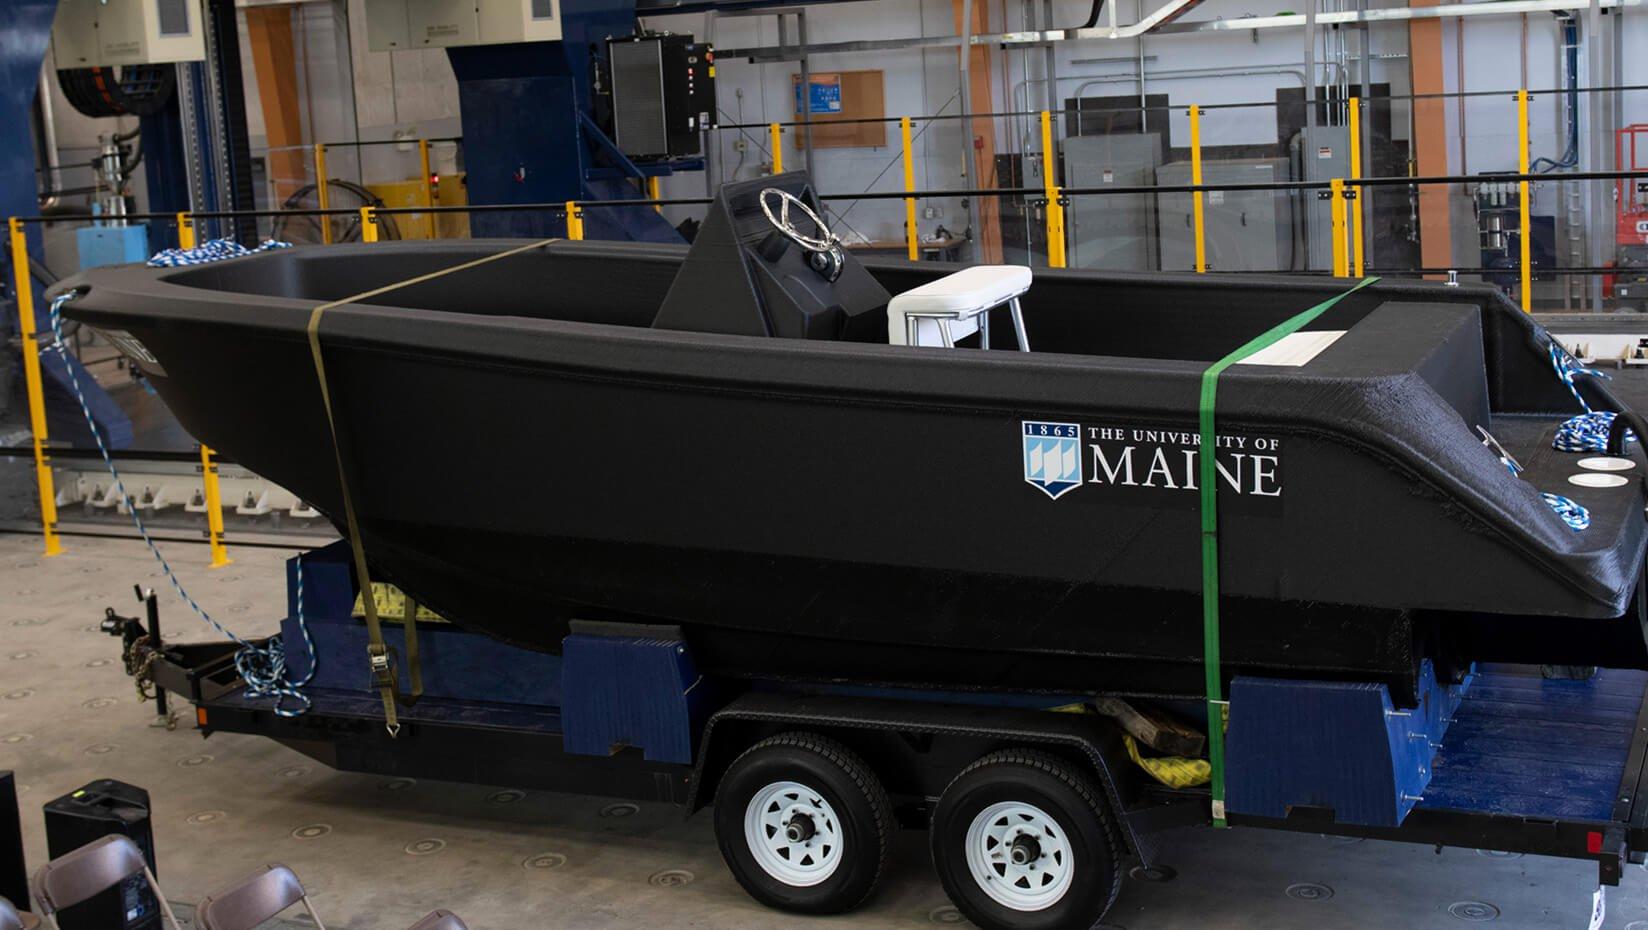 メイン大学が世界最大の3Dプリントボートを製造